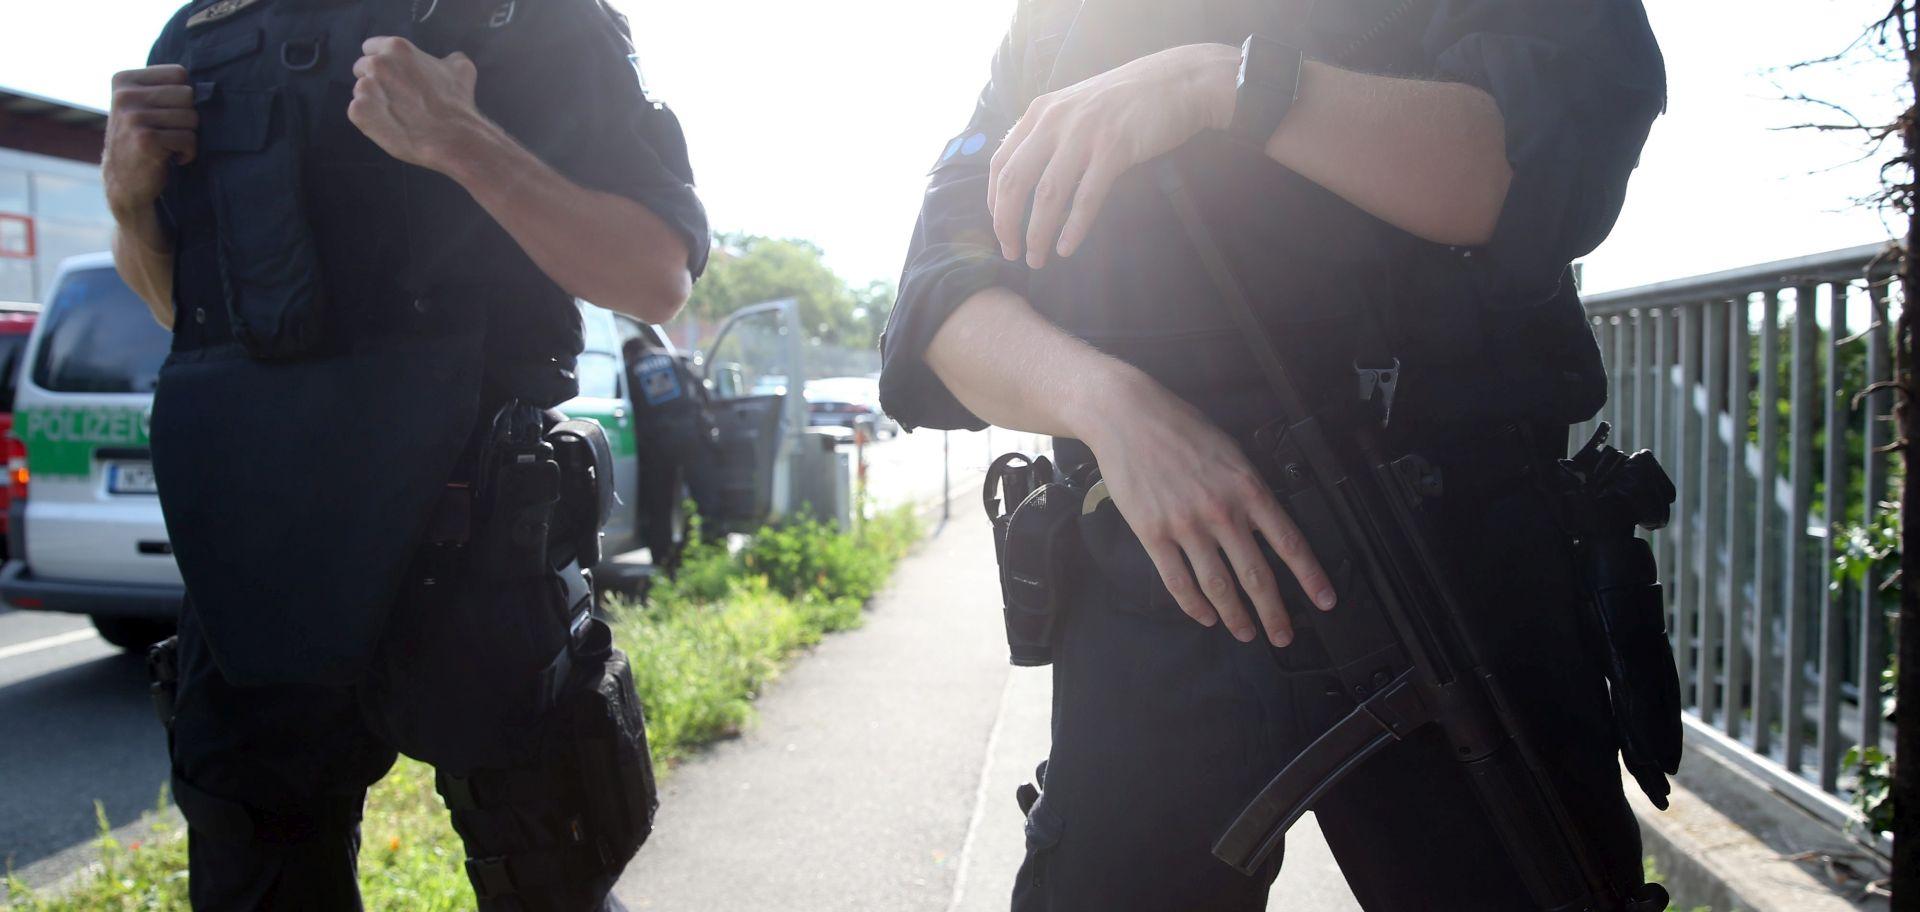 Njemački tinejdžer uhićen pod sumnjom da je planirao napad u školi